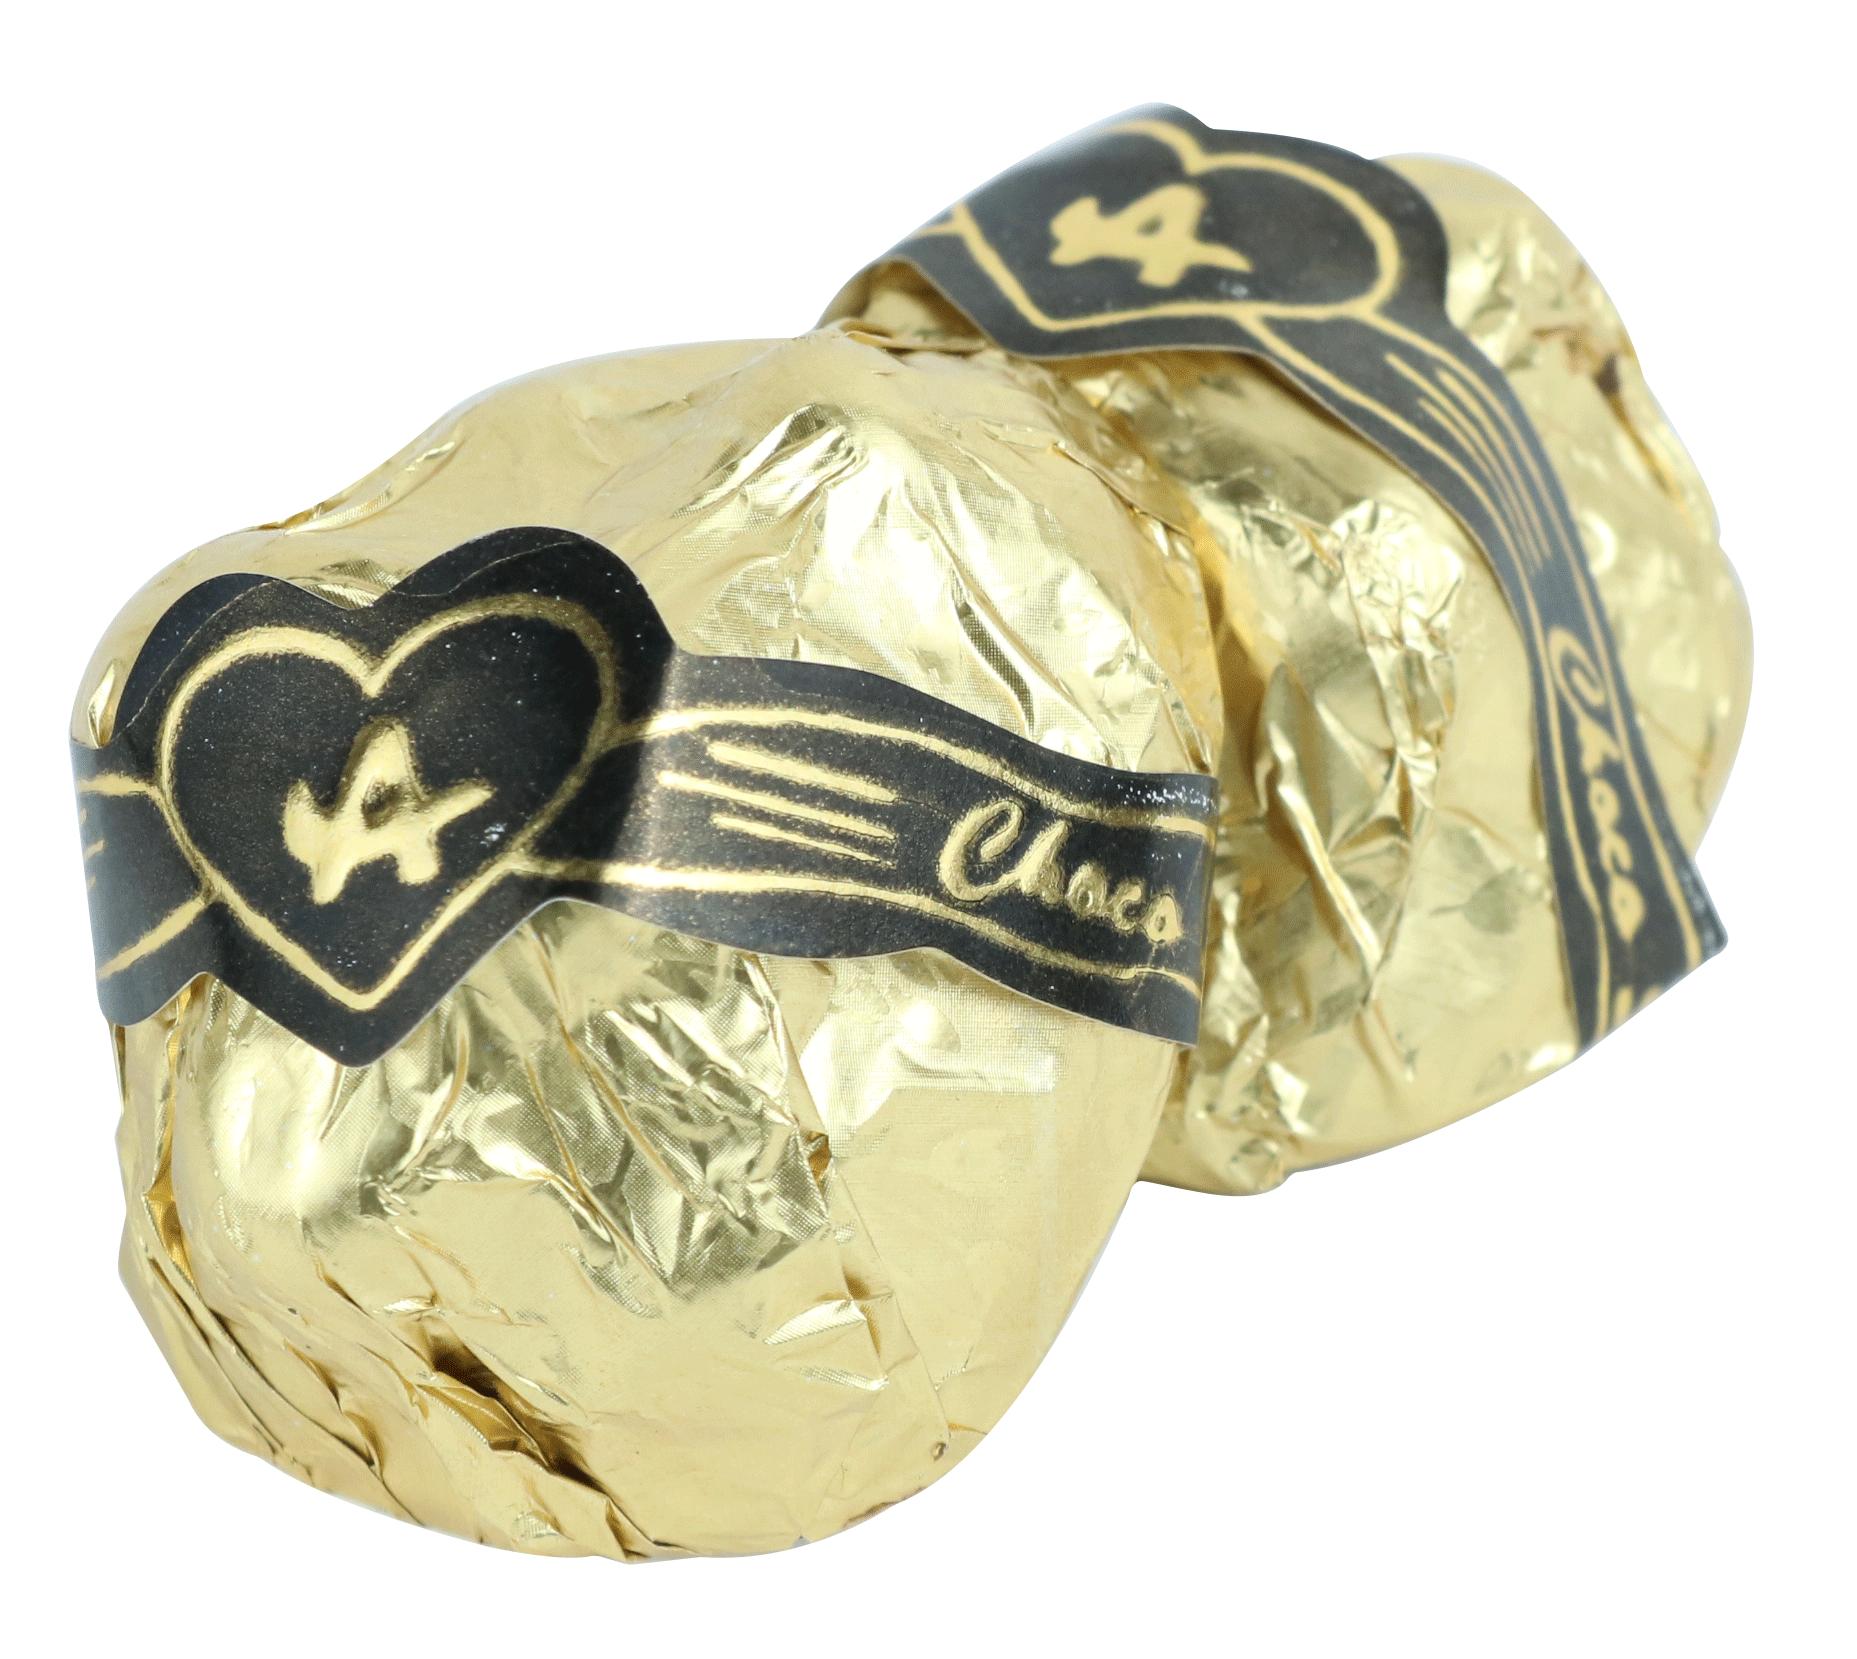 Rocher Chocolate Stuffed (Hazelnut - Almond)